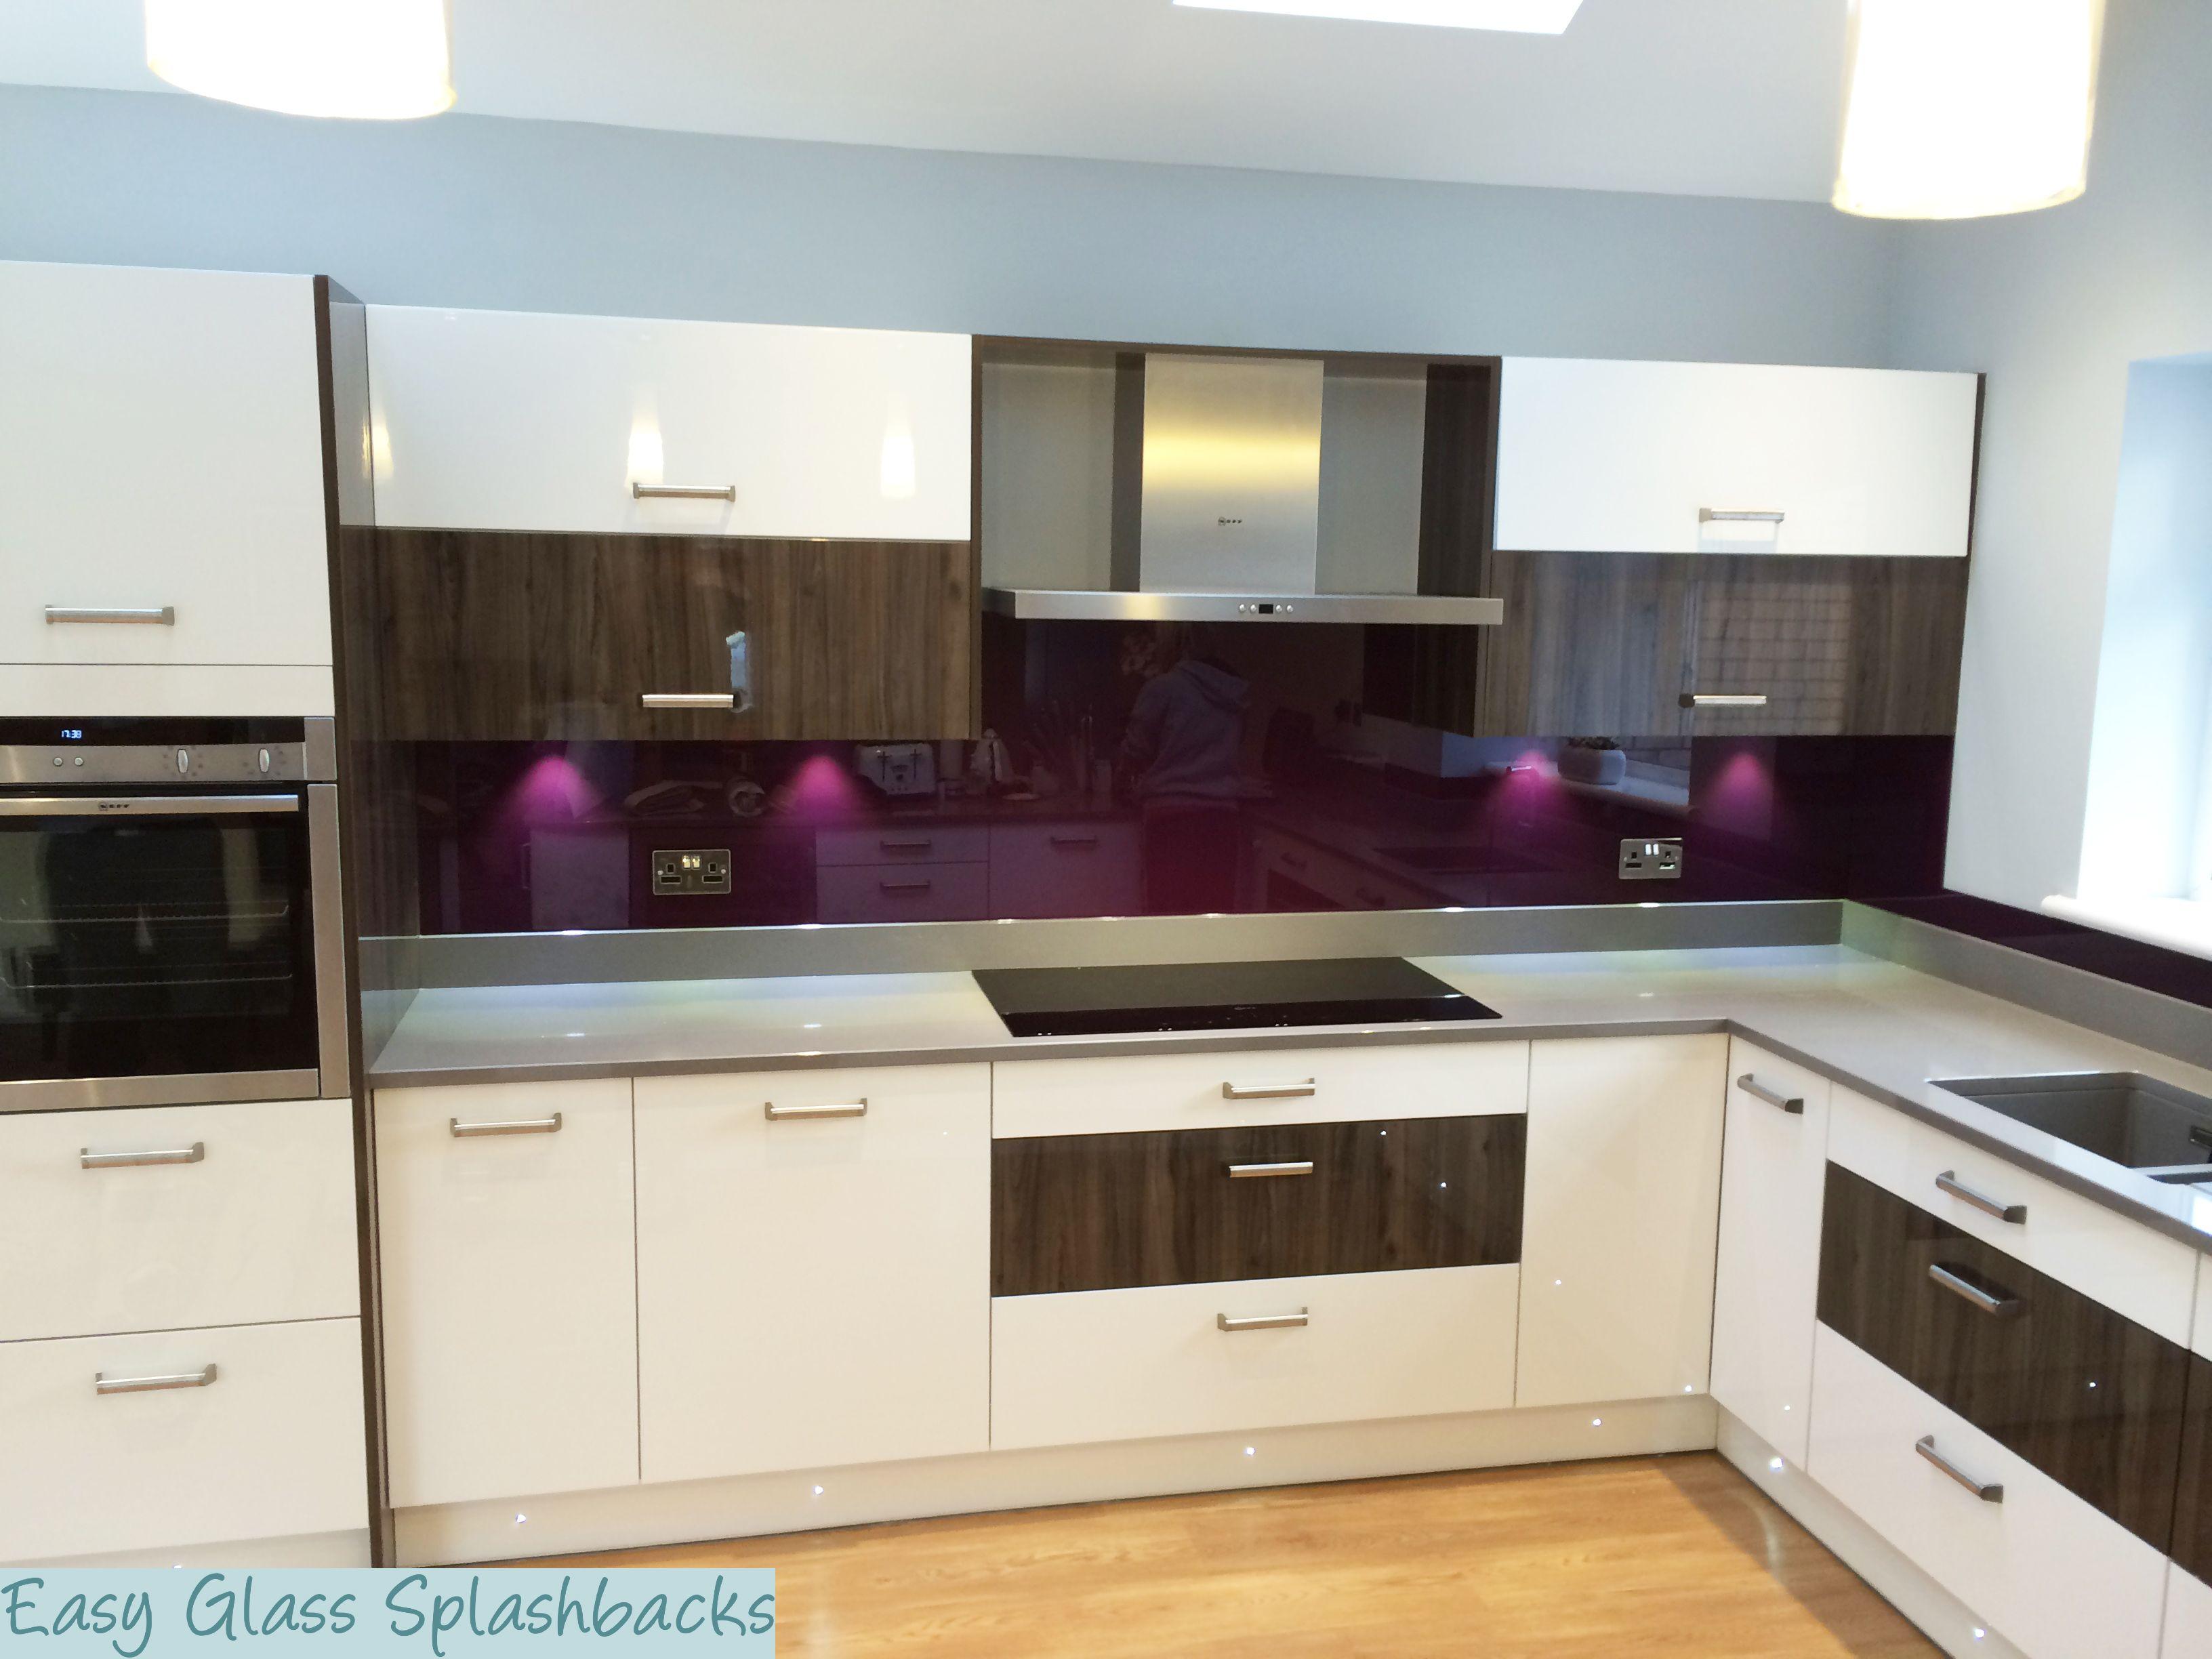 Gorgeous Purple Splashback Fitted By Easy Glass Splashbacks